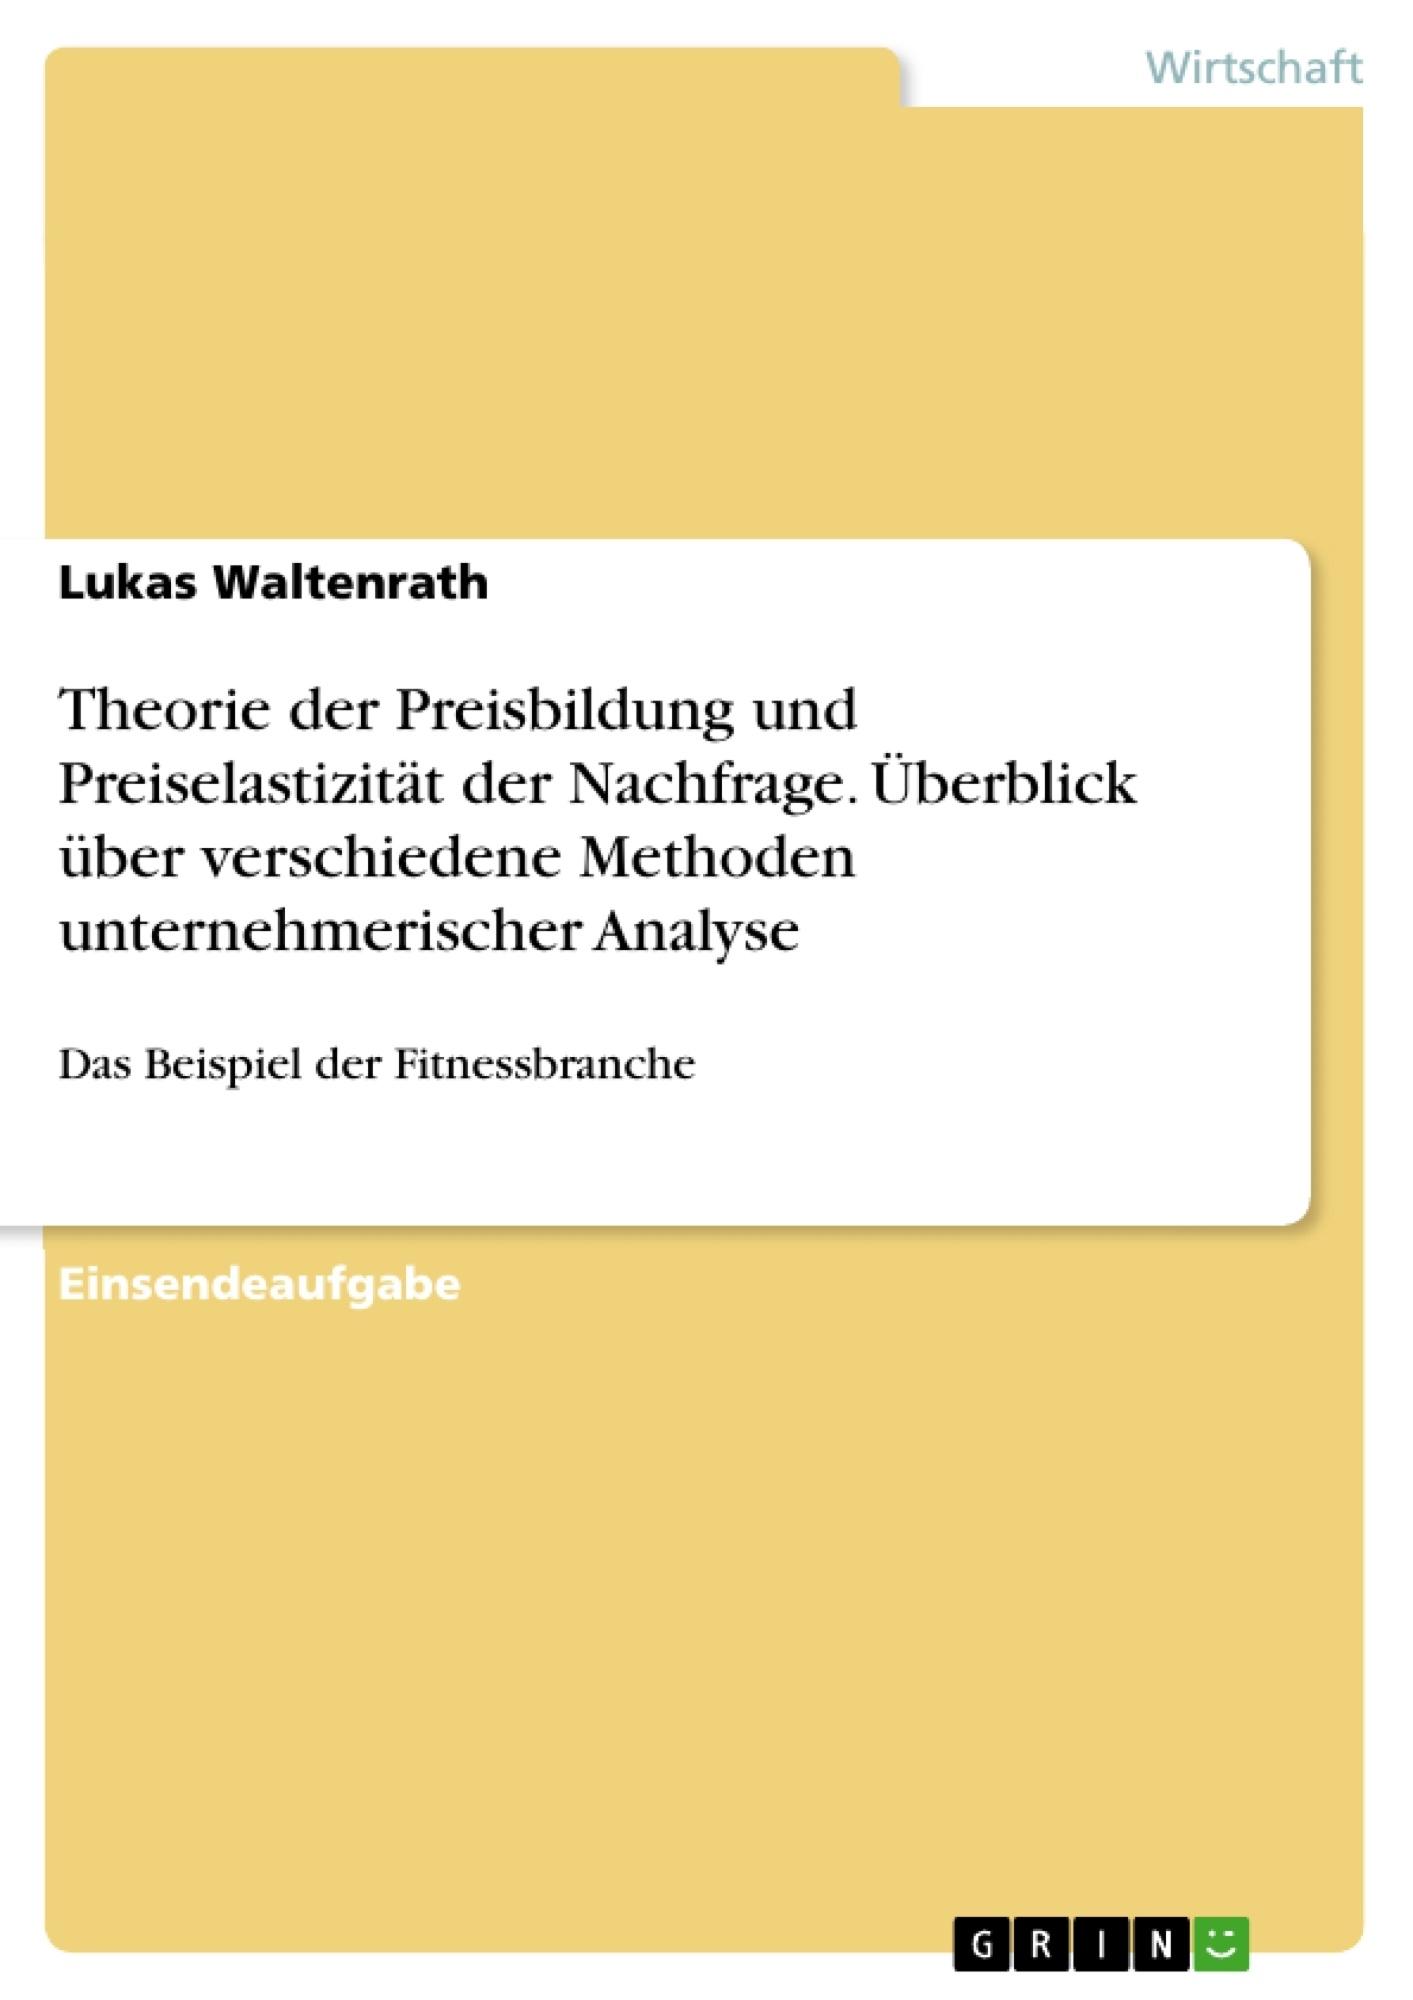 Titel: Theorie der Preisbildung und Preiselastizität der Nachfrage. Überblick über verschiedene Methoden unternehmerischer Analyse